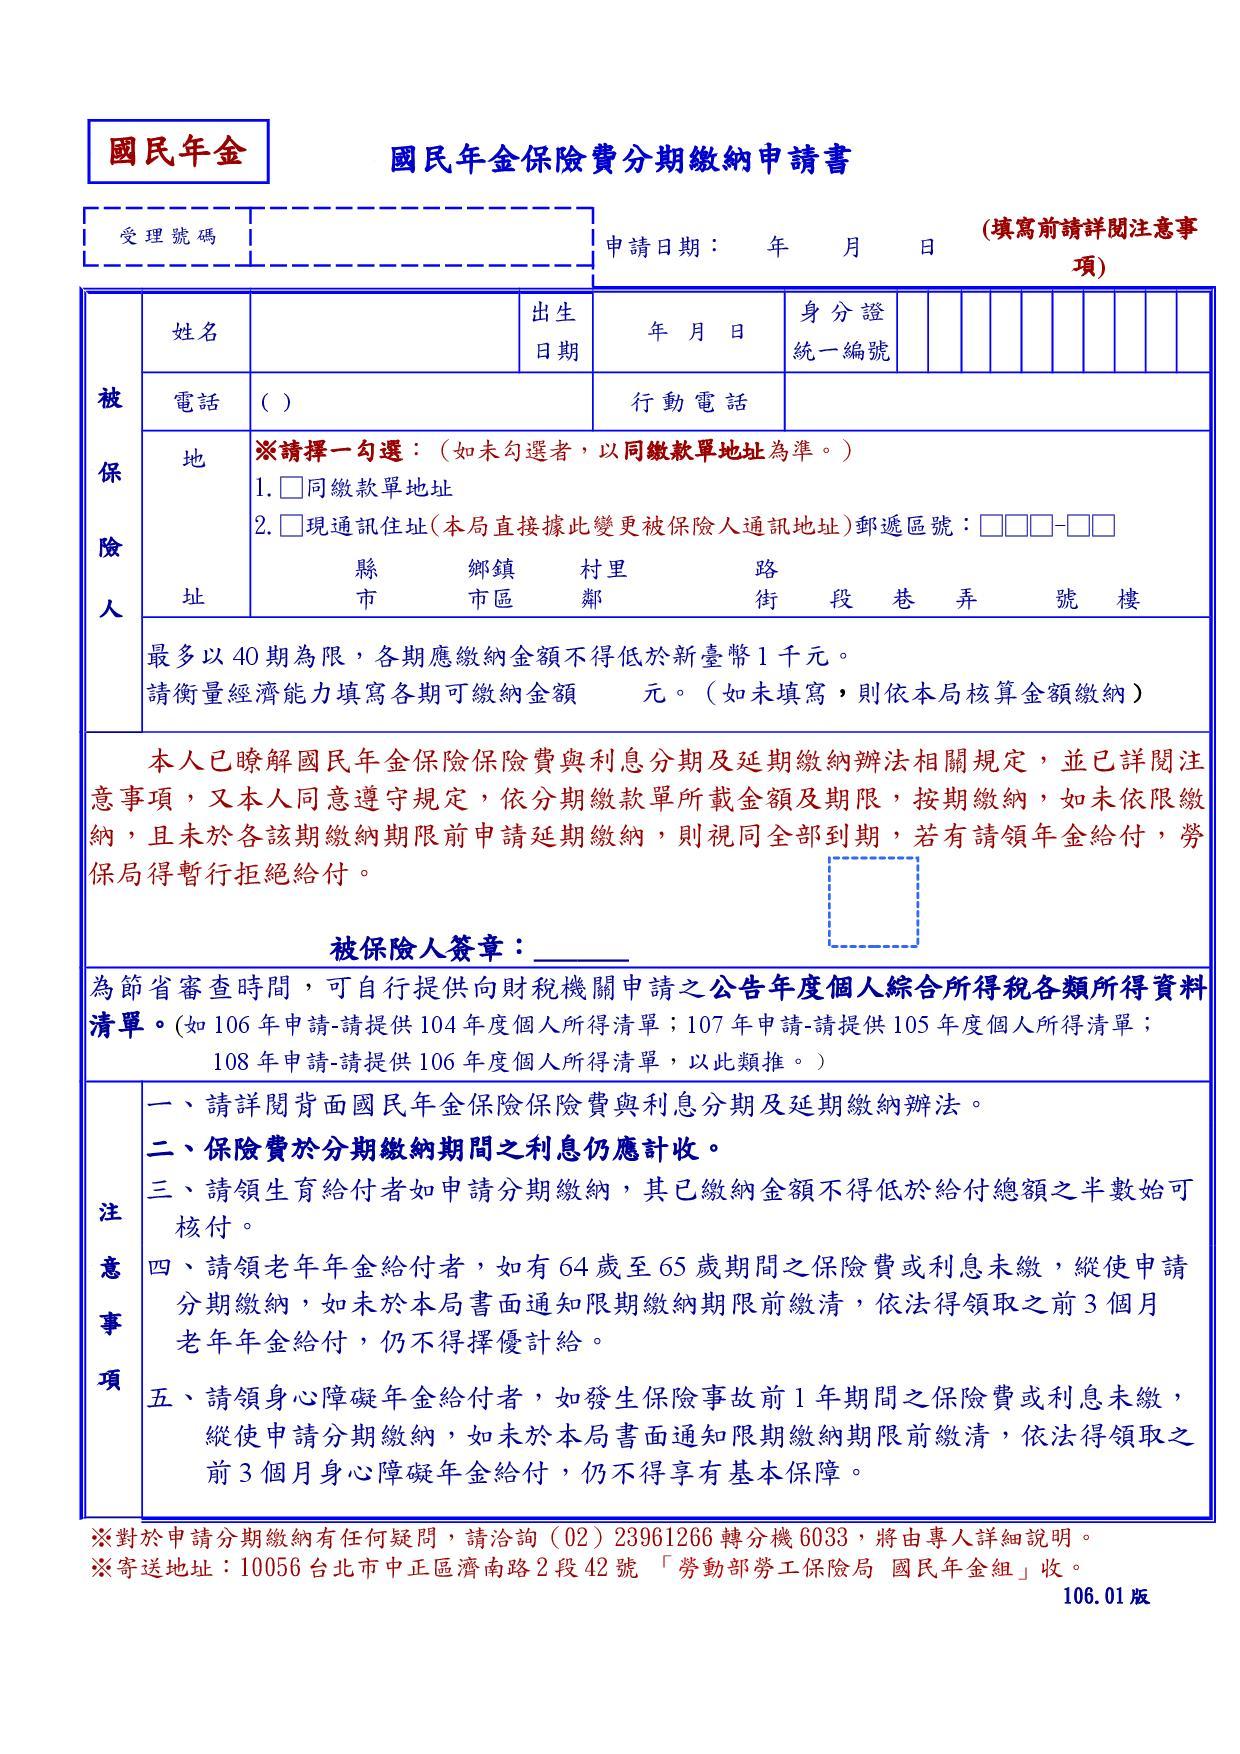 國民年金-保險費分期繳納申請書106版